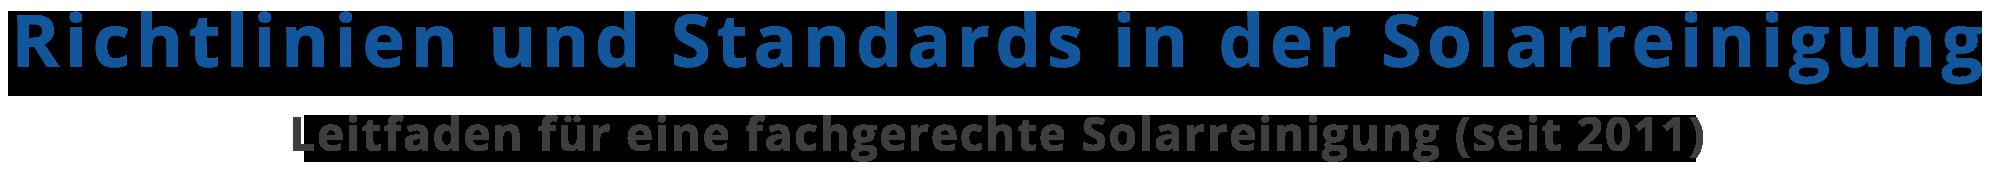 Solarreinigung Richtlinien Logo